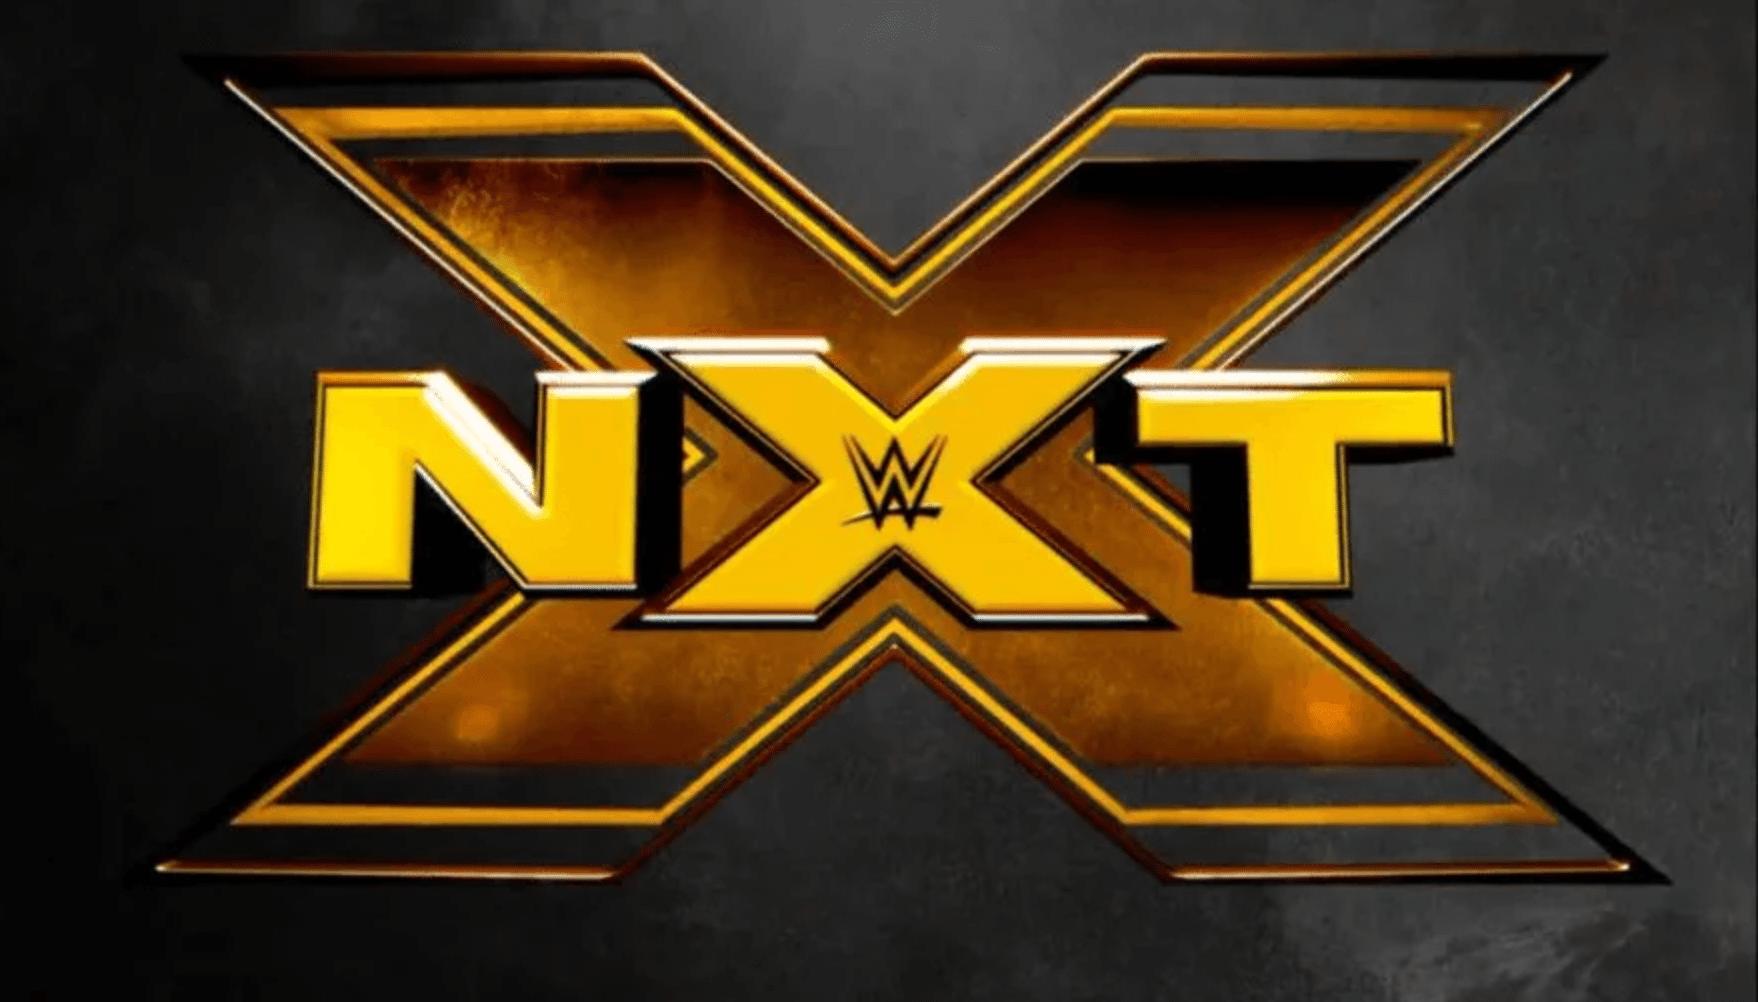 https://caq.fr/wp-content/uploads/2018/02/NXT-logo-2017.png